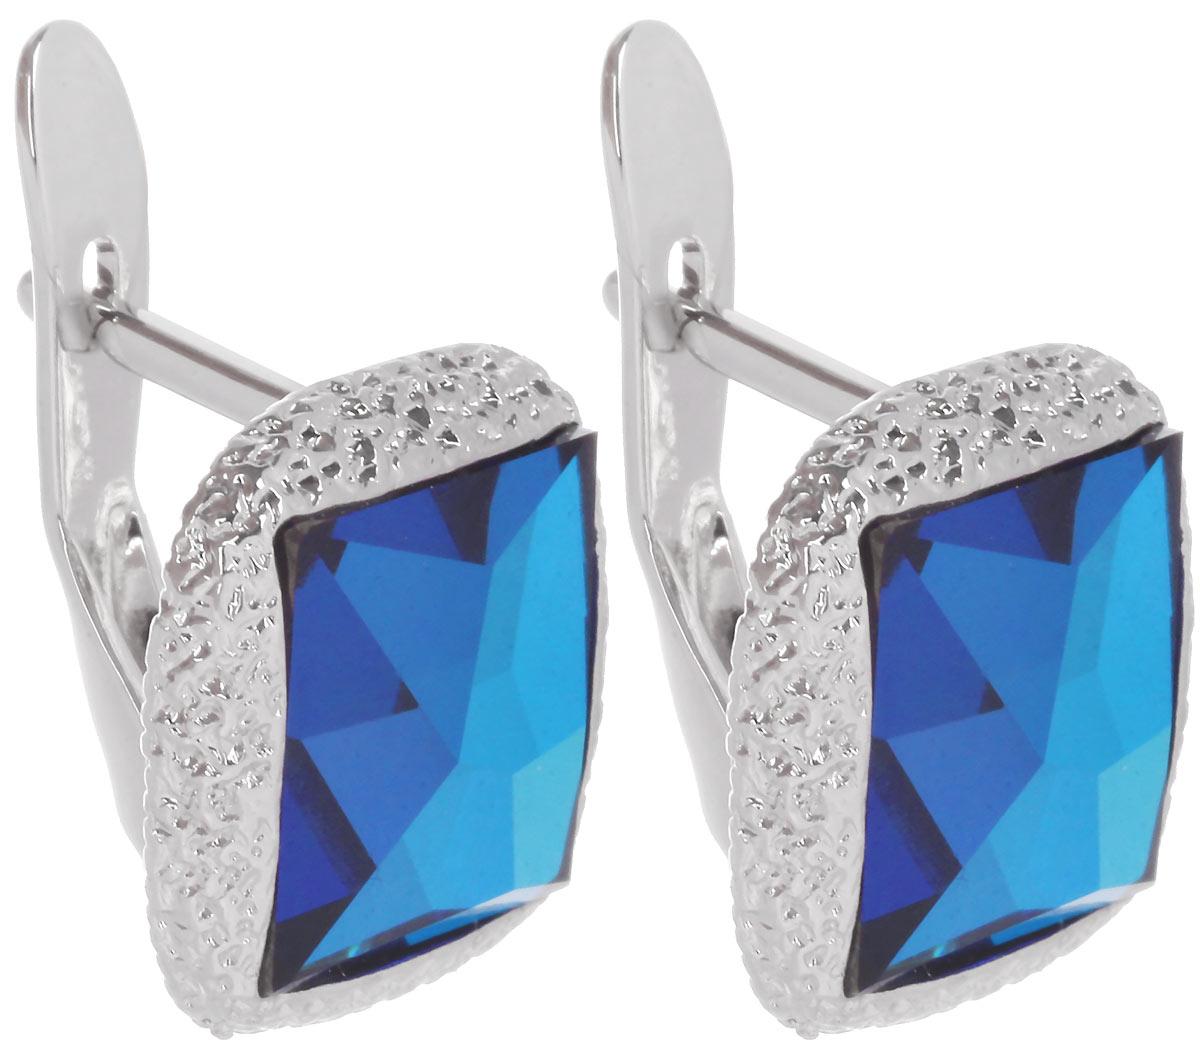 Серьги Jenavi Алудра, цвет: серебряный, голубой. b833f140b833f140Стильные серьги Jenavi Алудра в виде основы квадратной формы из ювелирного сплава, которая дополнена кристаллами Swarovski. В качестве основания используется классический английский замок, который надежно зафиксирует сережку. Оригинальные серьги Jenavi Алудра помогут дополнить любой образ и привнести в него завершающий яркий штрих.